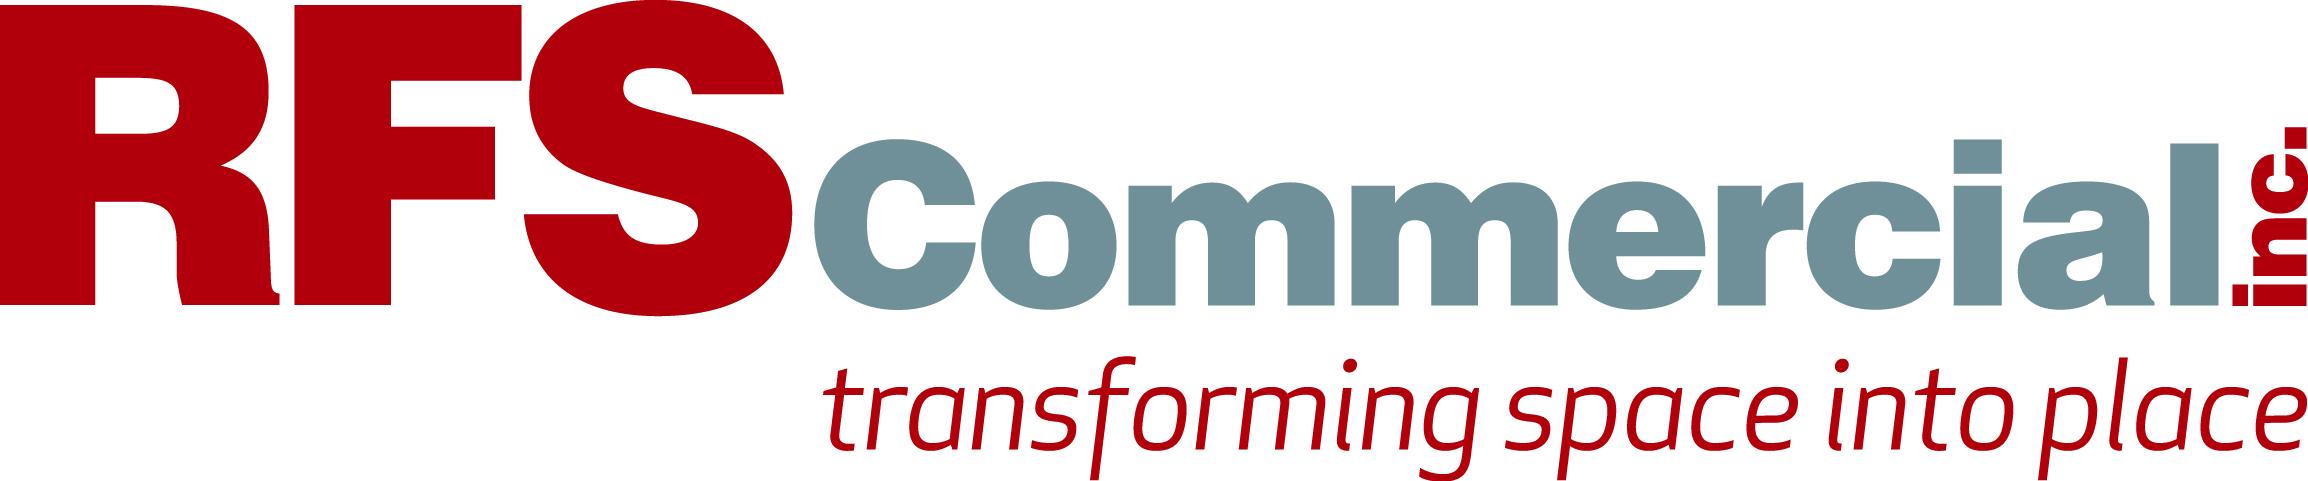 RFS Commercial